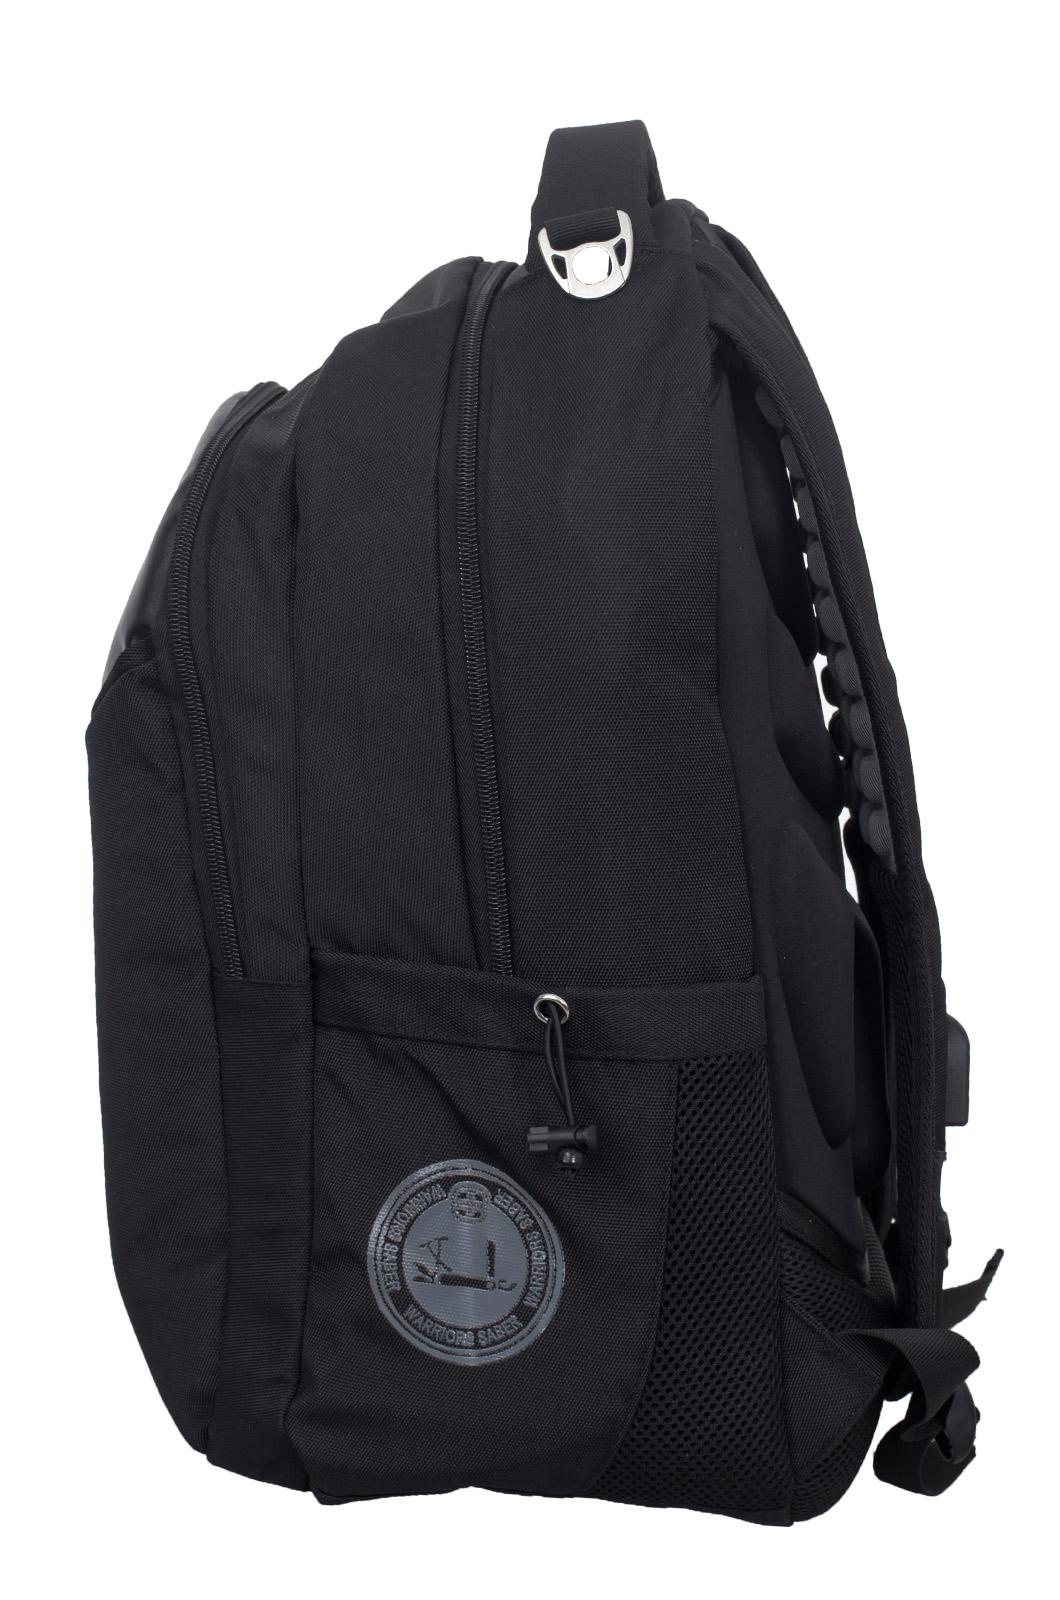 Черный повседневный рюкзак Погранвойска - купить с доставкой